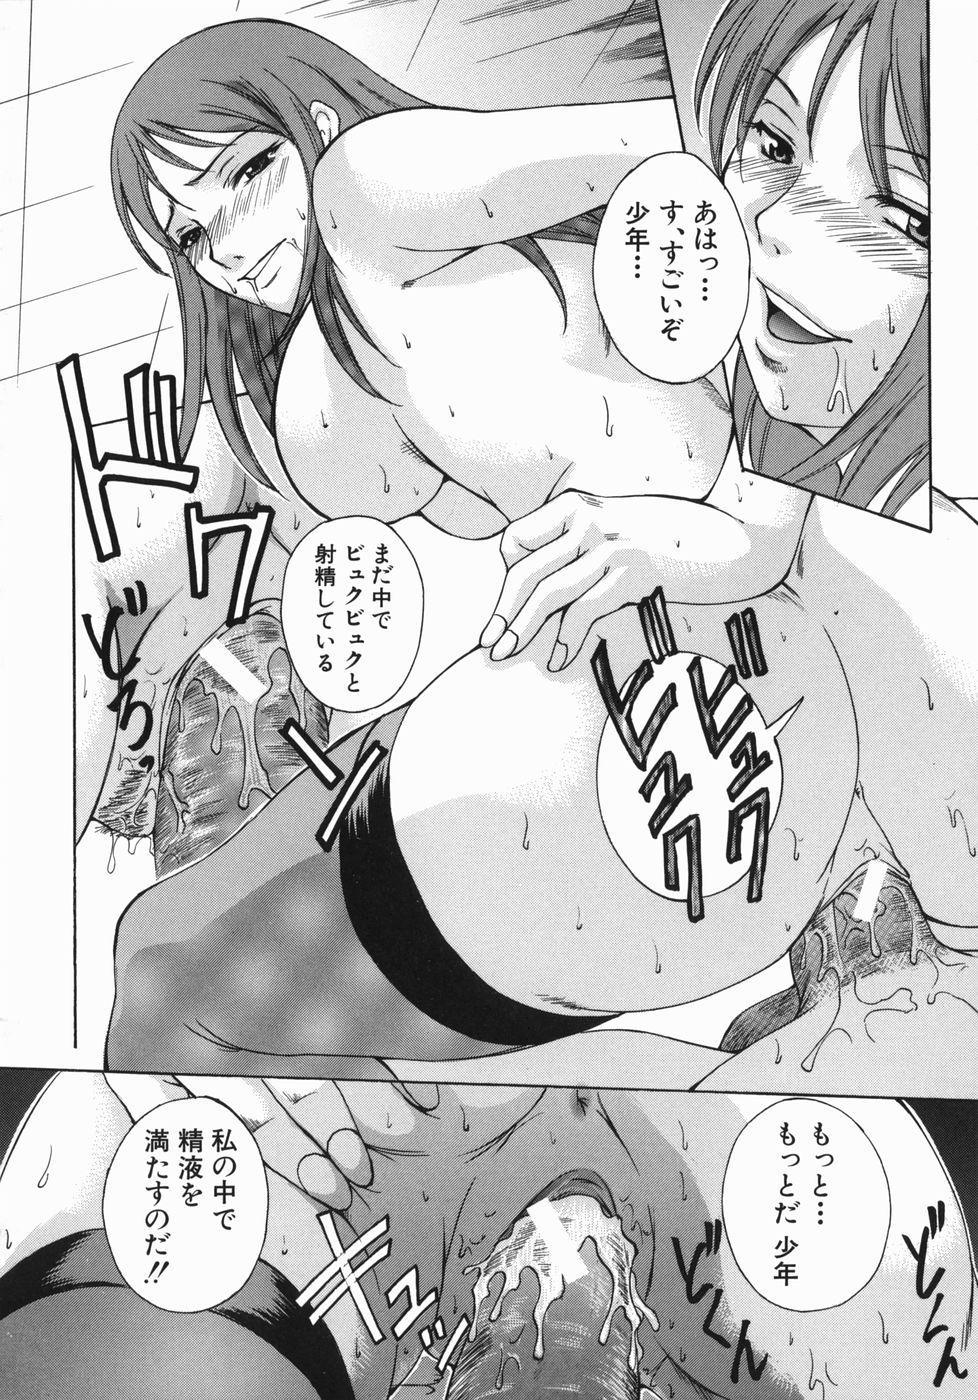 Shiiku Ganbou 138